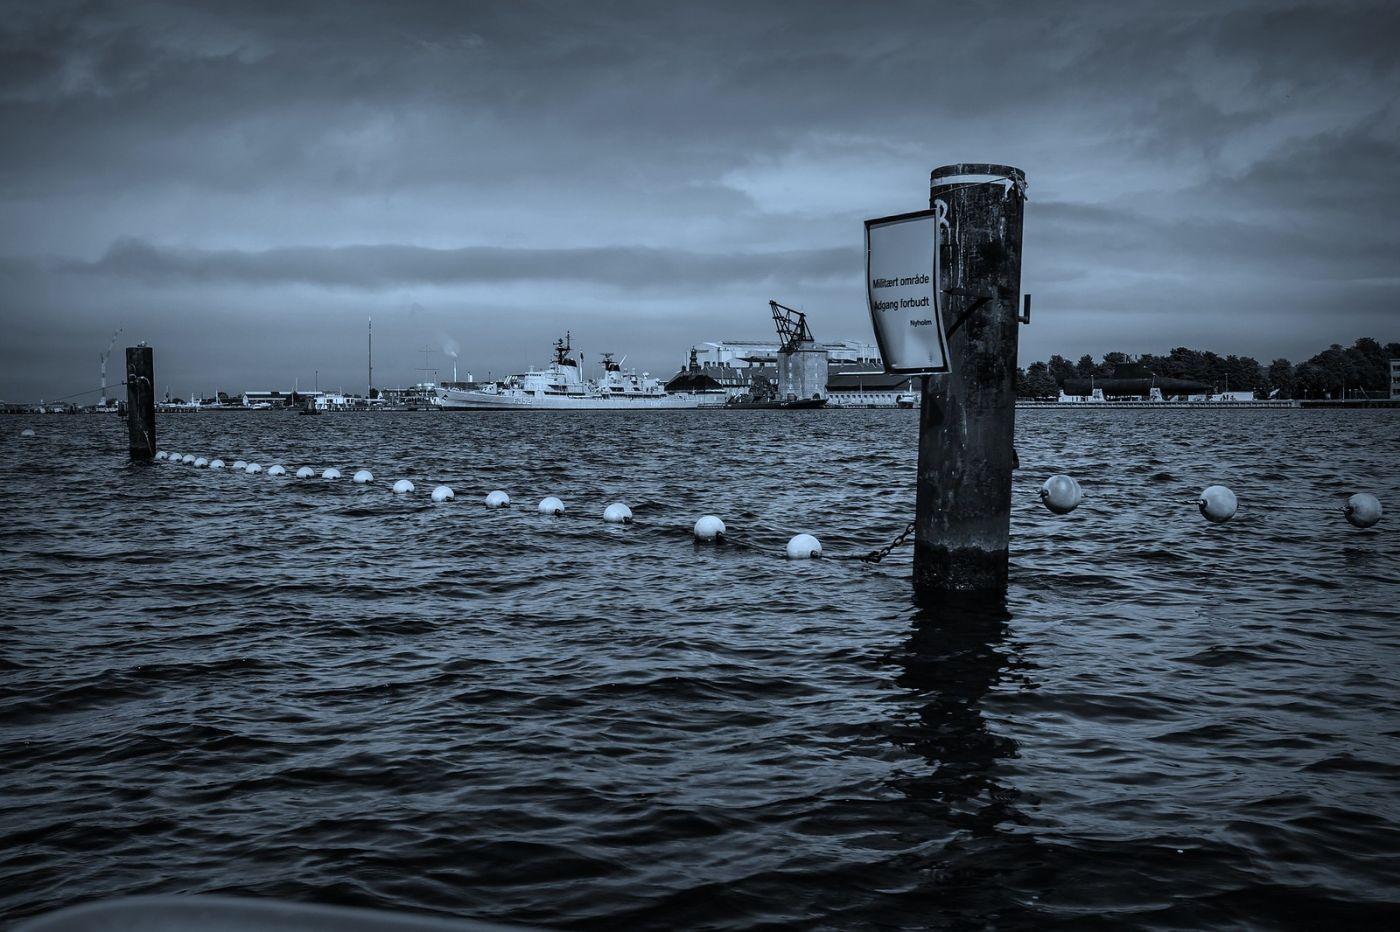 丹麦哥本哈根,坐船看市景_图1-33